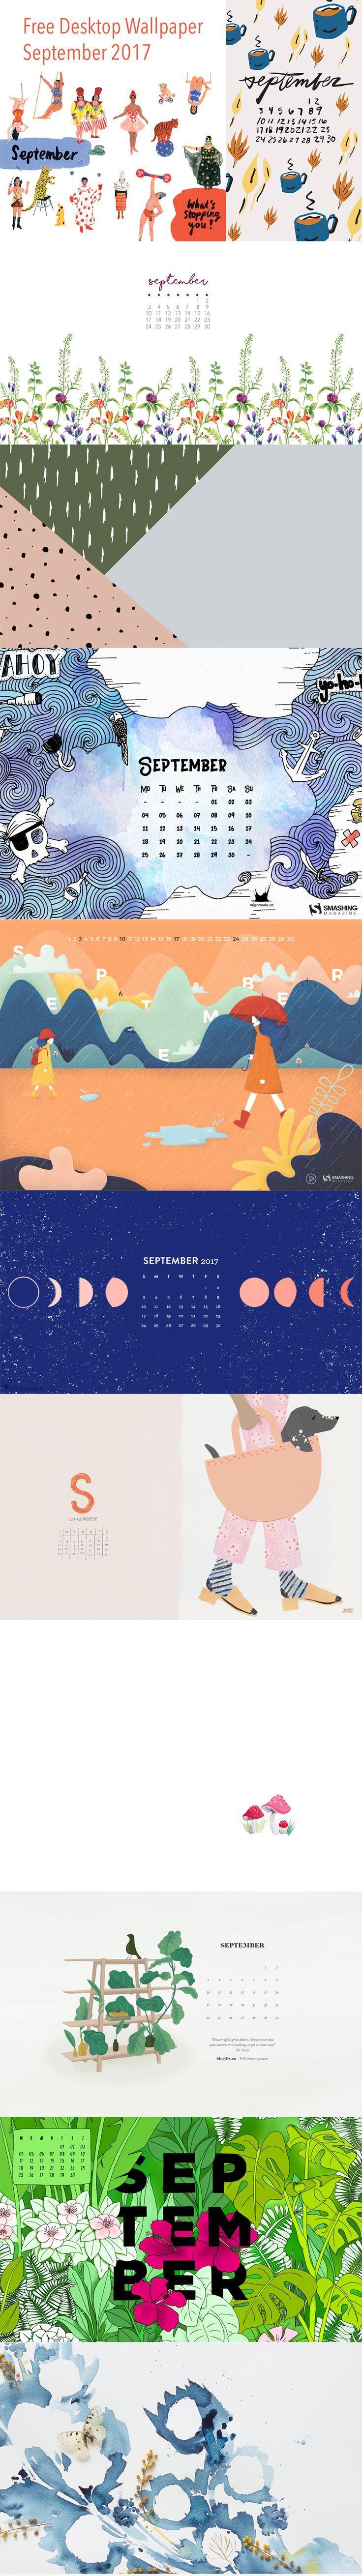 Free Desktop Wallpaper September 2017 - die schönsten Bildschirm Hintergründe